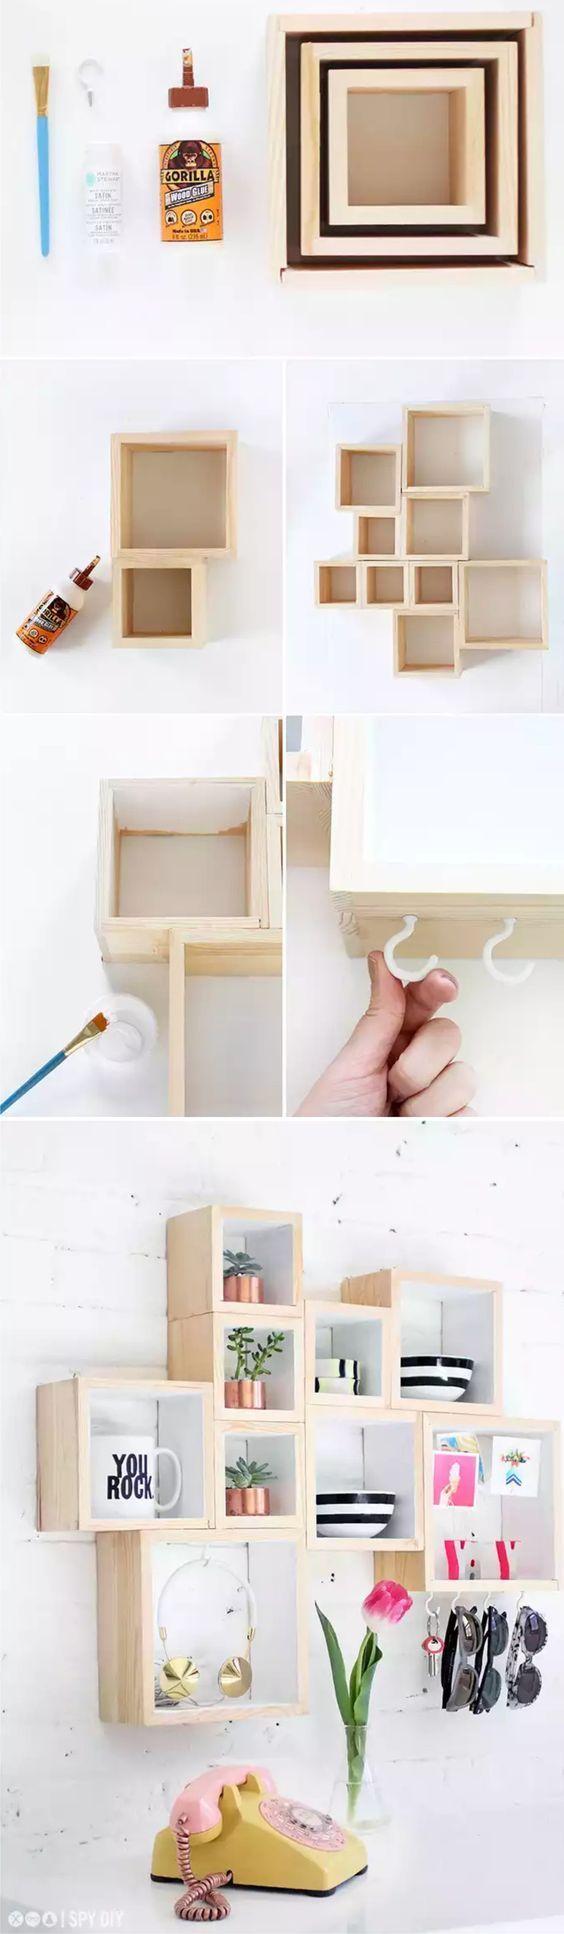 12 formas modernas f ciles y econ micas de decorar las paredes de tu casa decoraci n hogar - Paredes economicas ...